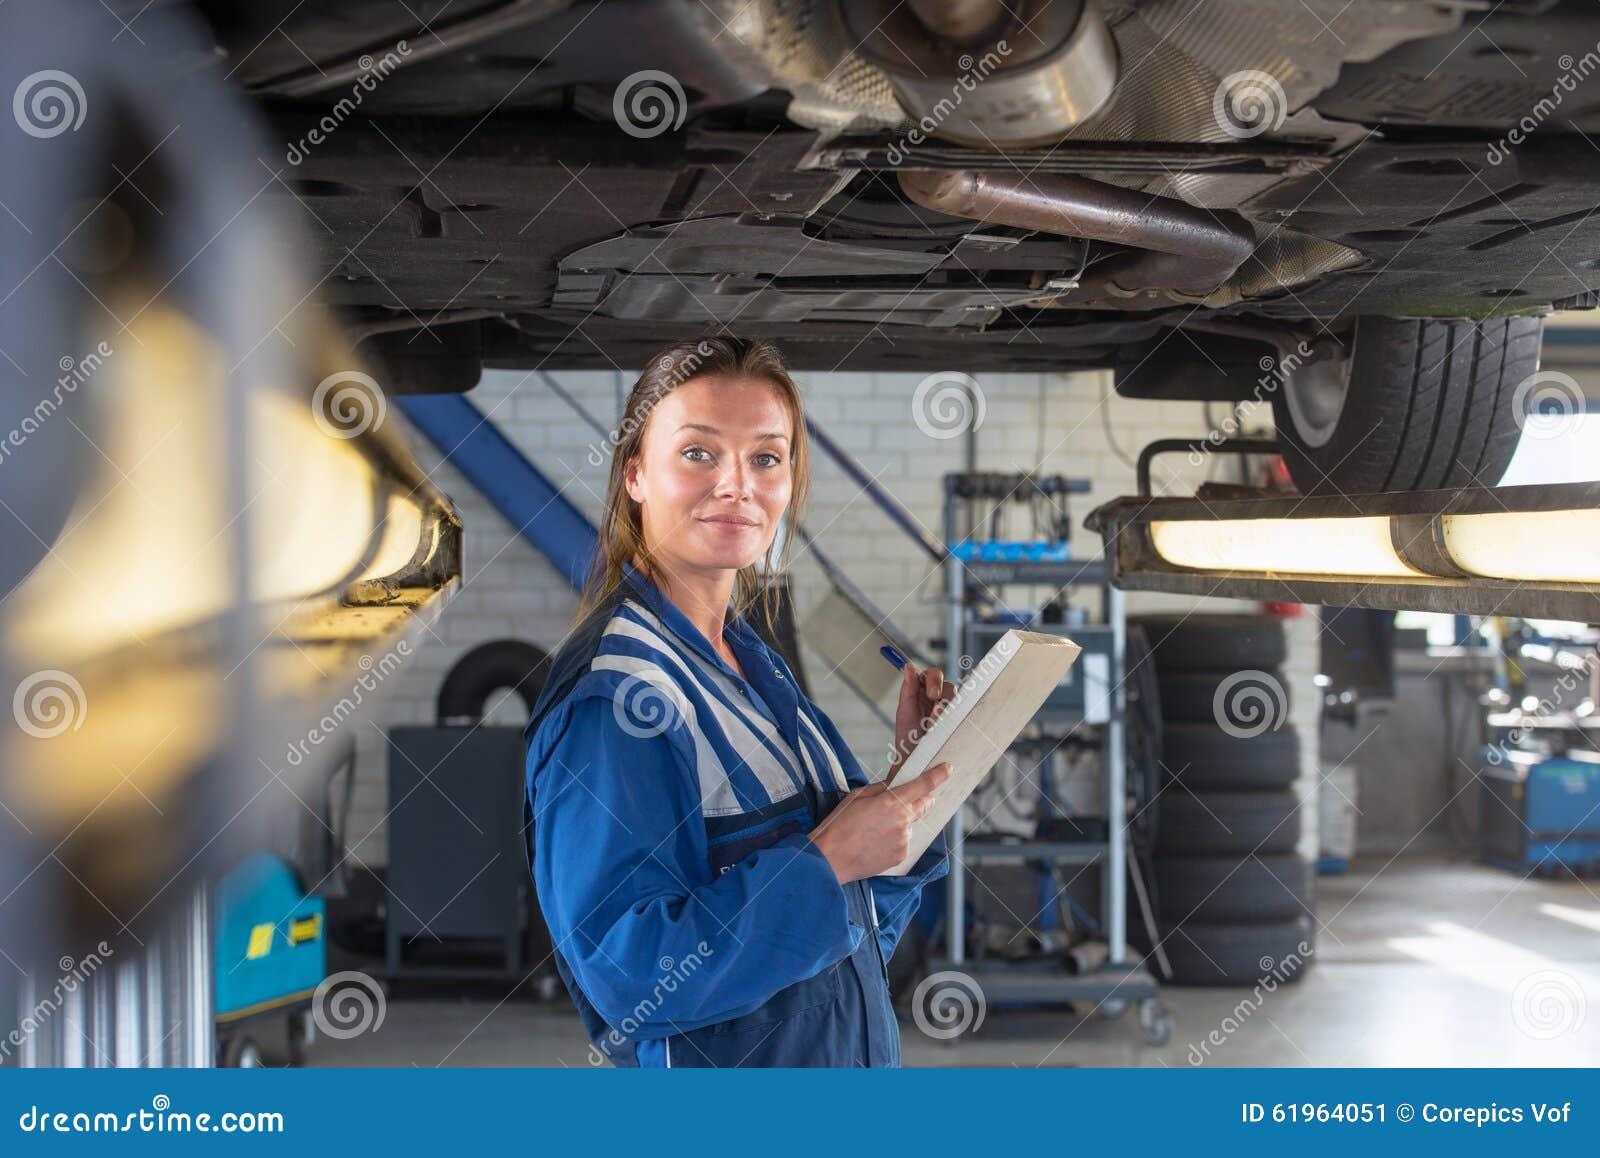 Mecânico debaixo de um carro durante um exame periódico